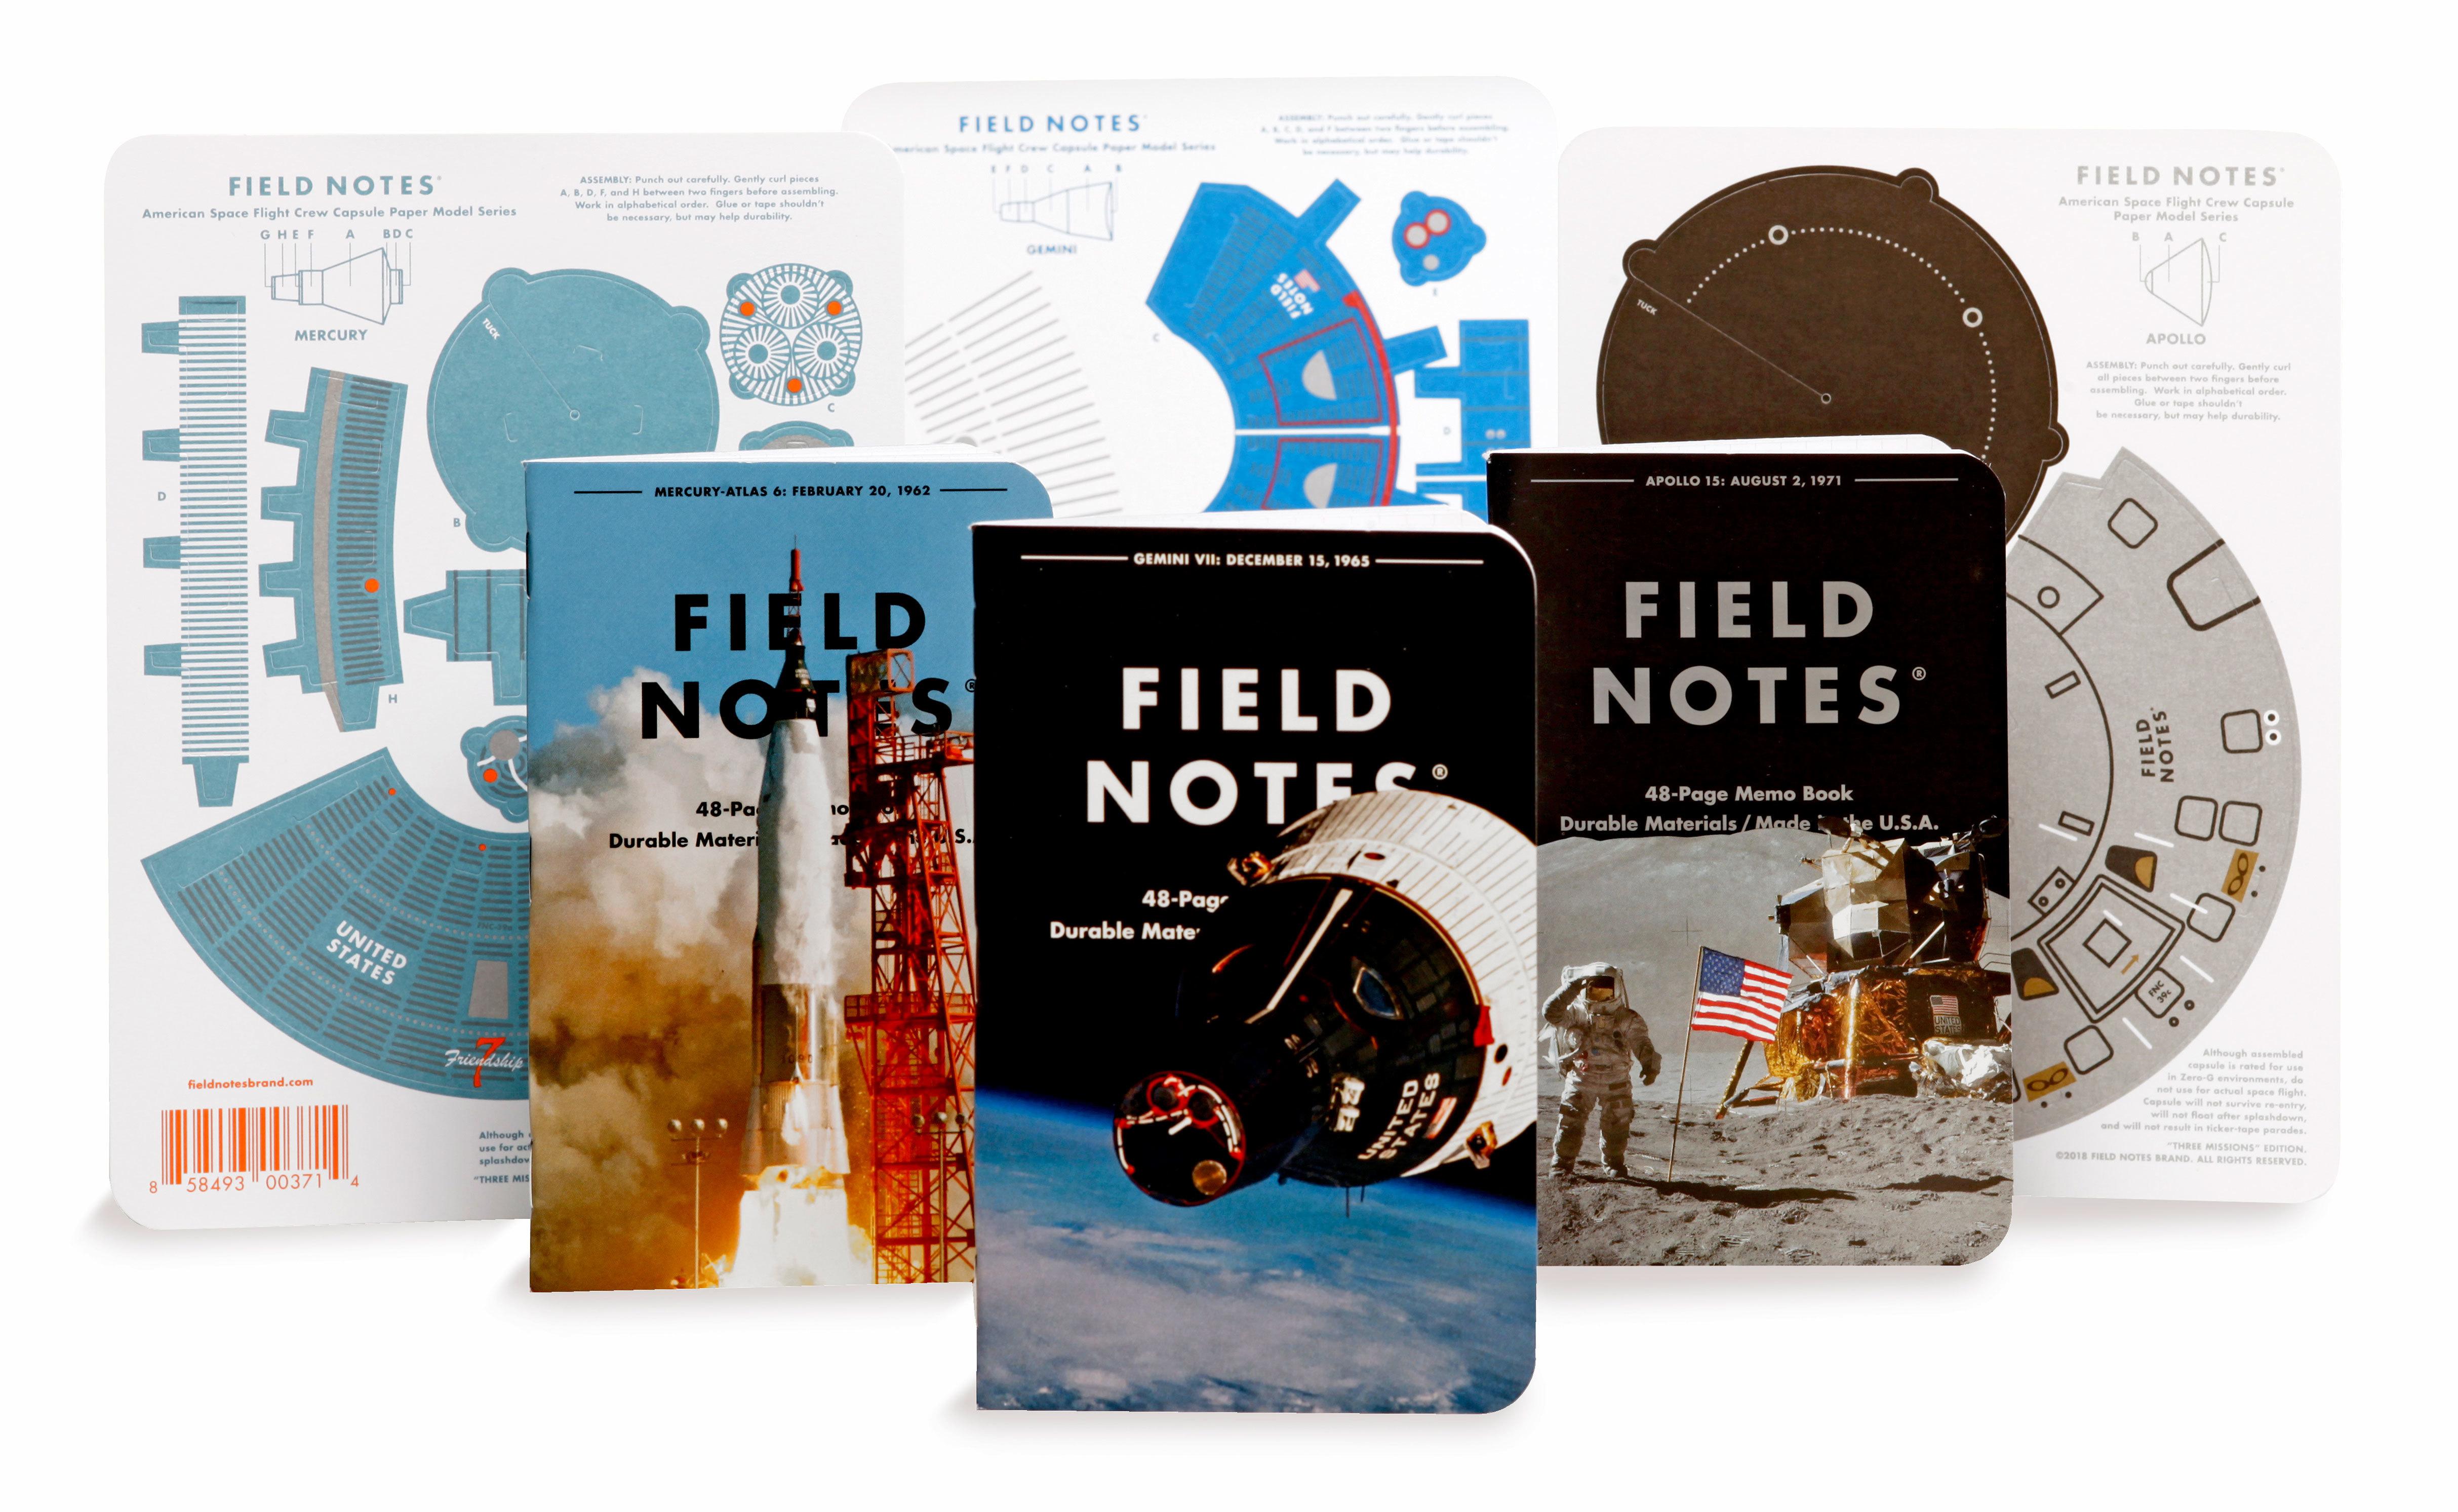 Field-Notes-Three-Missions.jpg